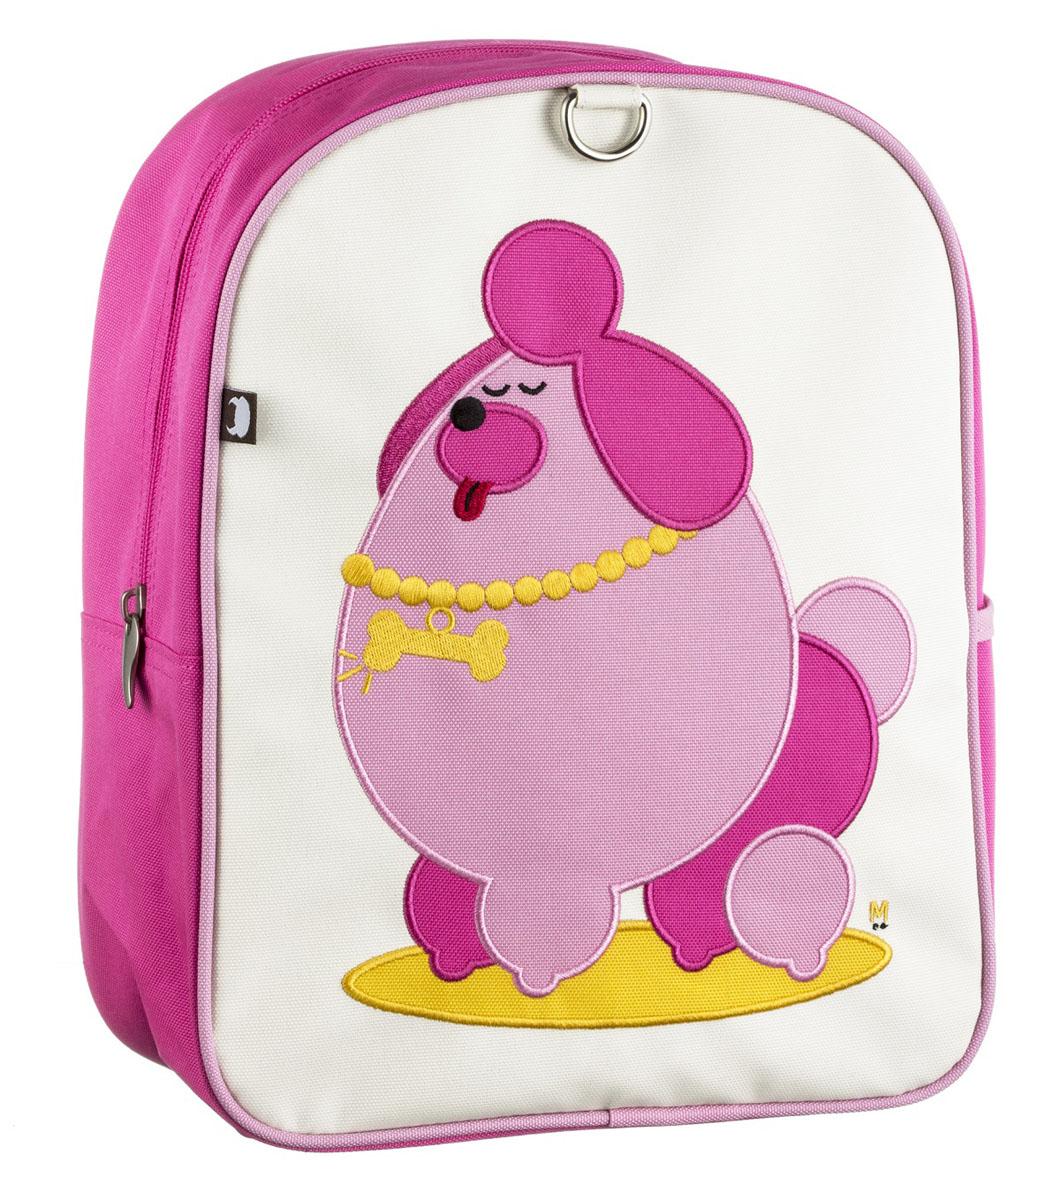 Рюкзак детский Beatrix Little Kid Pocchari-Poodle, цвет: молочный, розовый, желтый37397Рюкзак Beatrix Pocchari-Poodle обязательно привлечет внимание вашего ребенка.Выполнен из прочного и высококачественного материала и оформлен вышитой аппликацией с изображением важного пуделя. Рюкзак состоит из вместительного отделения, закрывающегося на застежку-молнию. Бегунок застежки дополнен металлическим держателем. Внутри отделения находится врезной карман на застежке-молнии. На задней стенке рюкзака имеется нашивка, на которой можно указать данные владельца. Рюкзак с боку имеет один накладной внешний кармана на липучке. Мягкие широкие лямки позволяют легко и быстро отрегулировать рюкзак в соответствии с ростом. Рюкзак оснащен удобной текстильной ручкой для переноски в руке. Идеально подходит для хранения важных и необходимых вещей, которые так необходимы маленькому герою на детской площадке, во время прогулки или на пикнике.